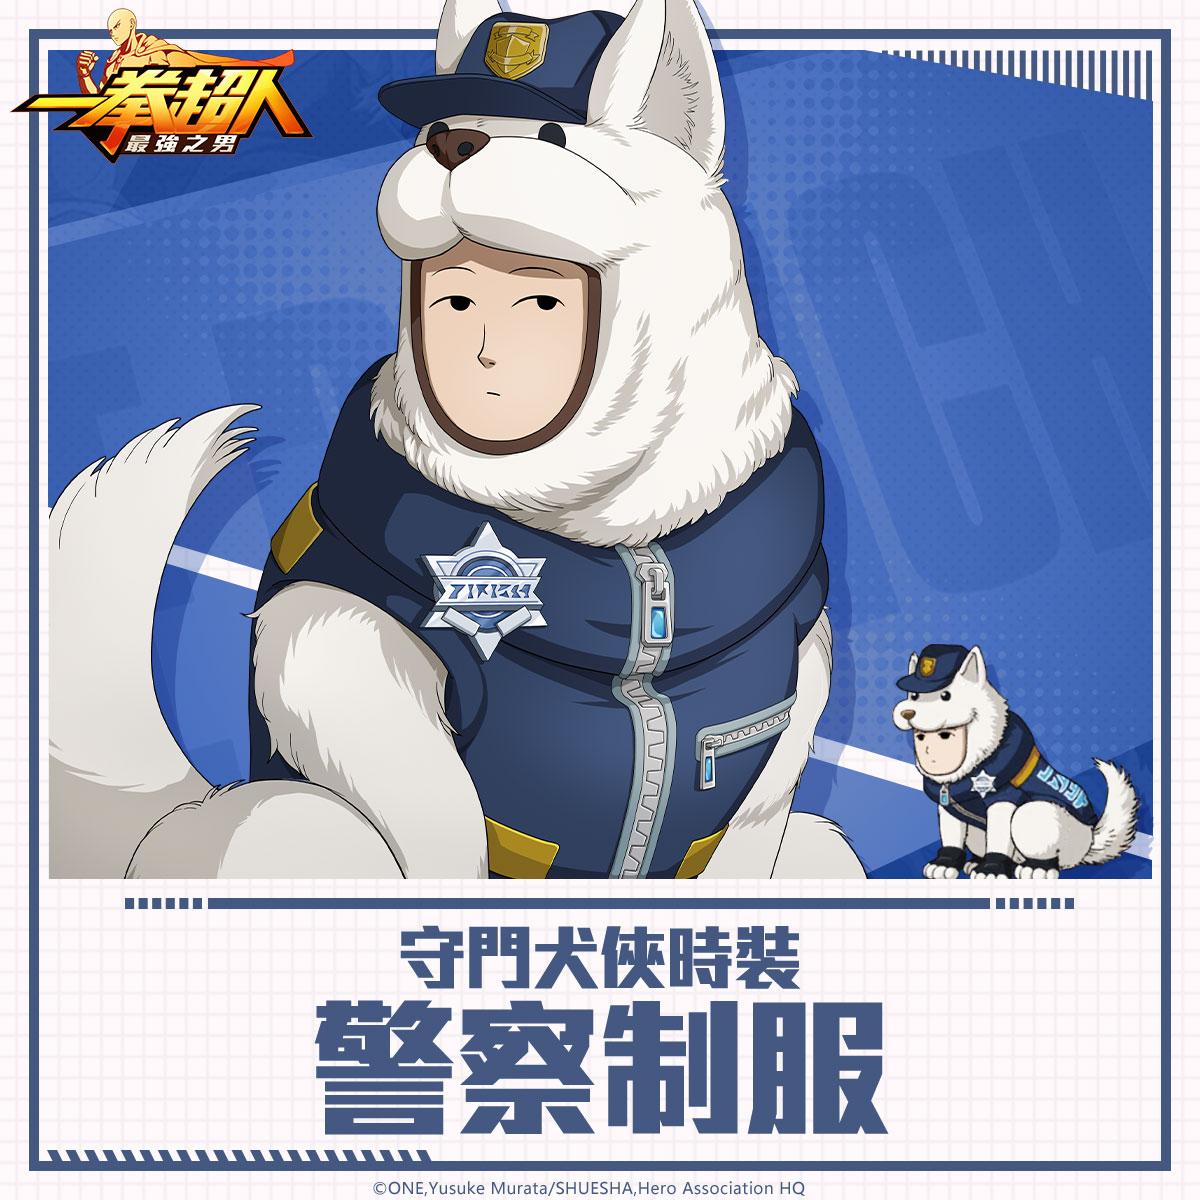 【GAMENOW新聞稿用圖05】《一拳超人:最強之男》「守門犬俠 警察制服」全新時裝團購活動 3 月 3 日熱情展開!